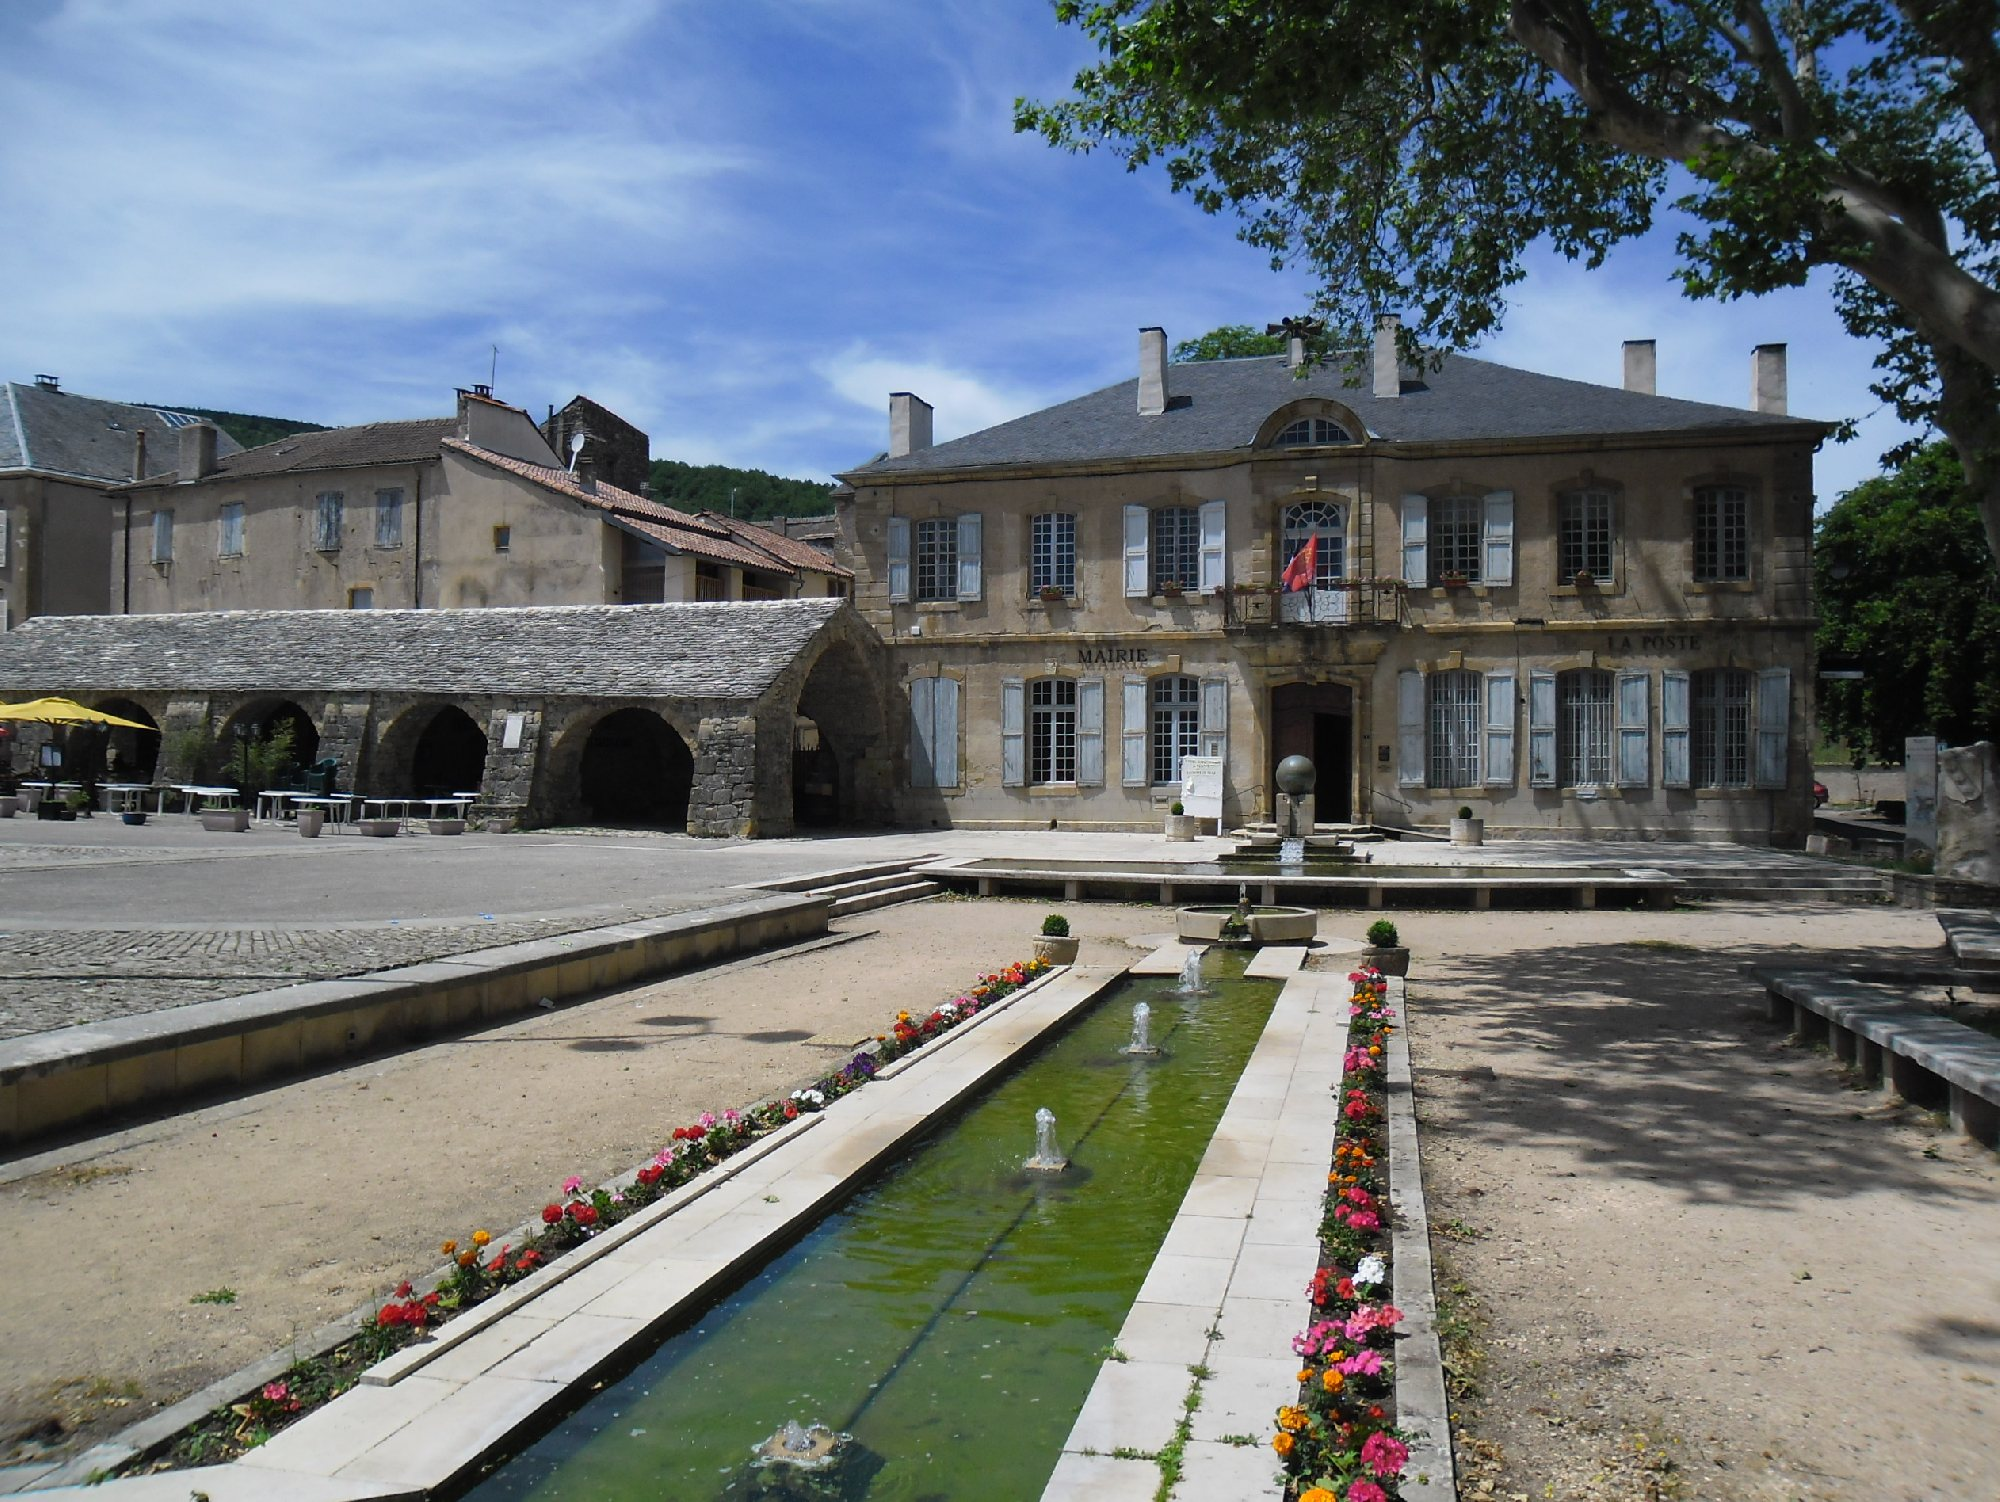 Office de tourisme larzac et vall es nant tourisme aveyron - Office de tourisme aveyron ...